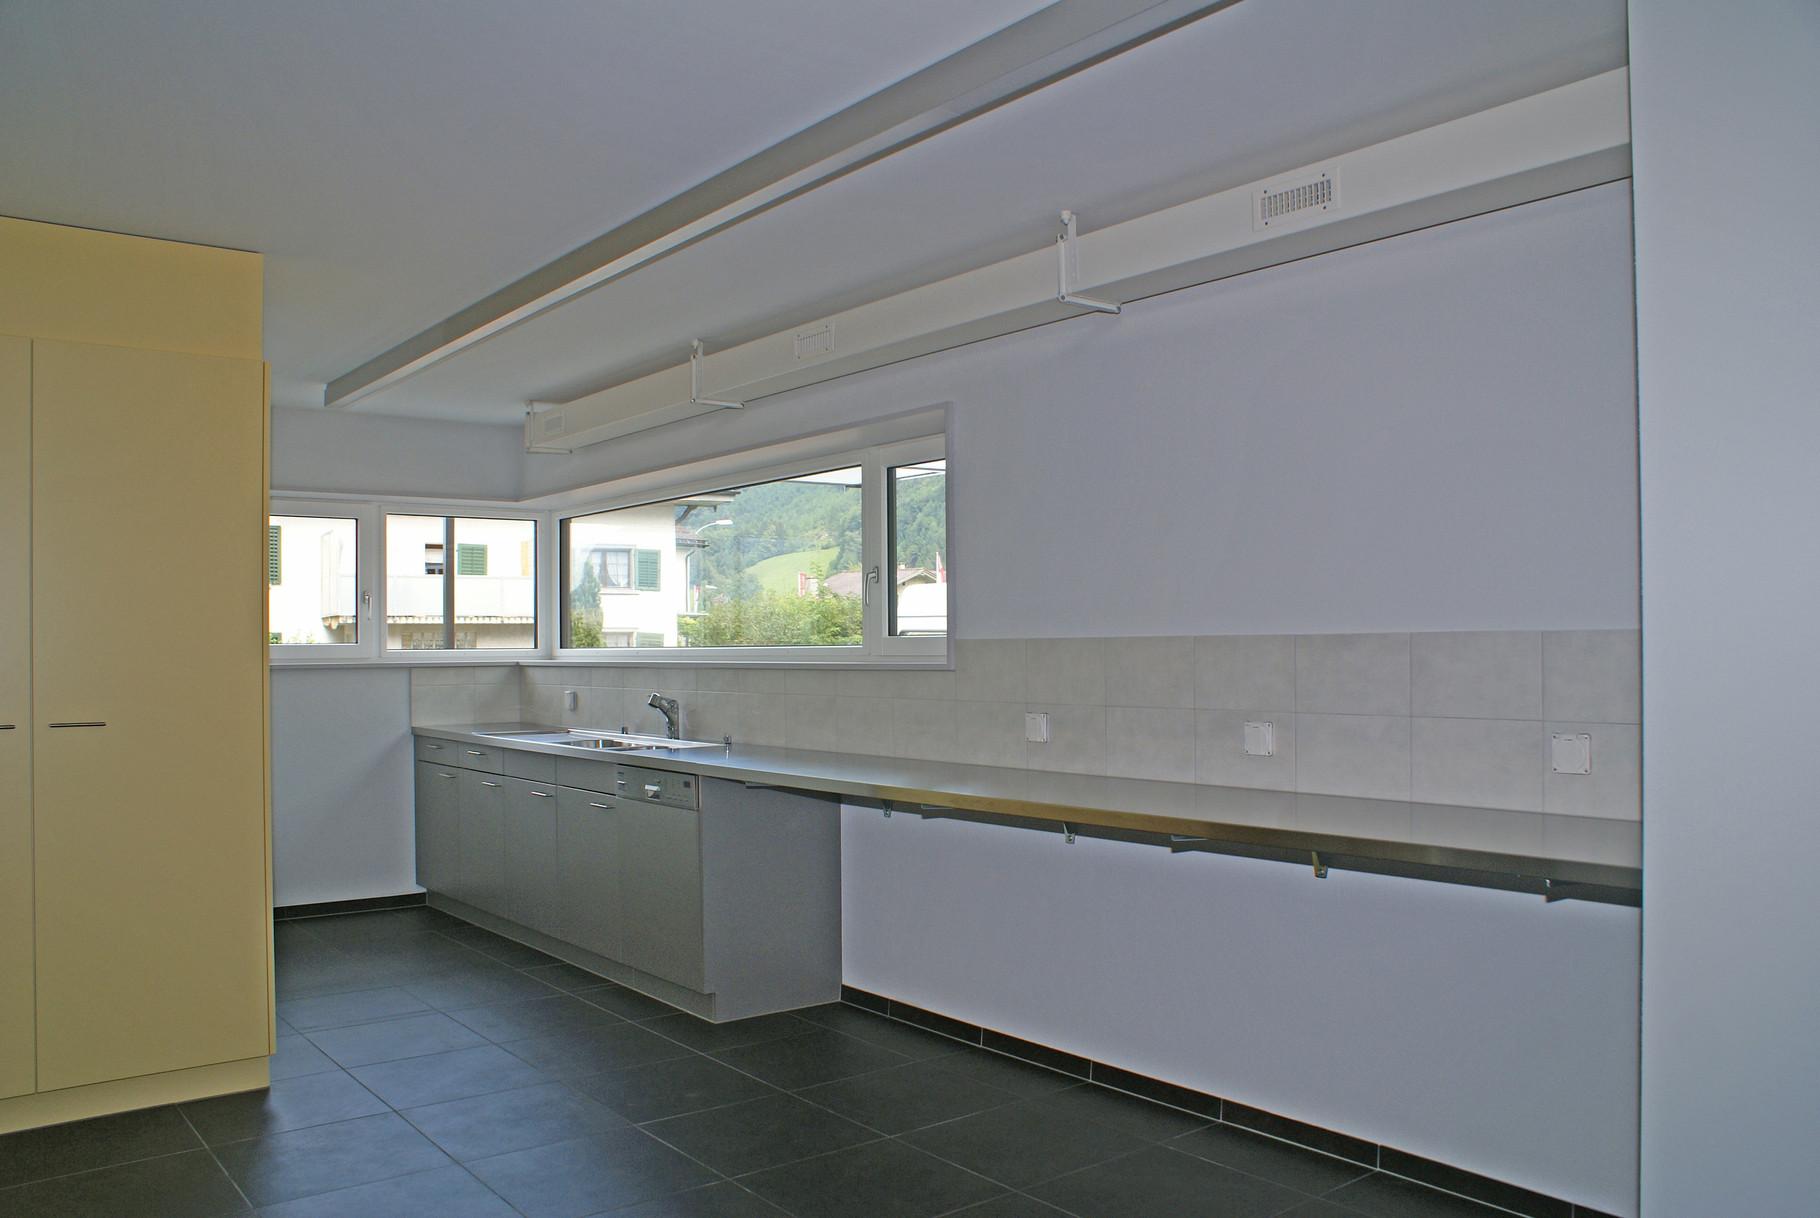 Office und Küche im Foyer